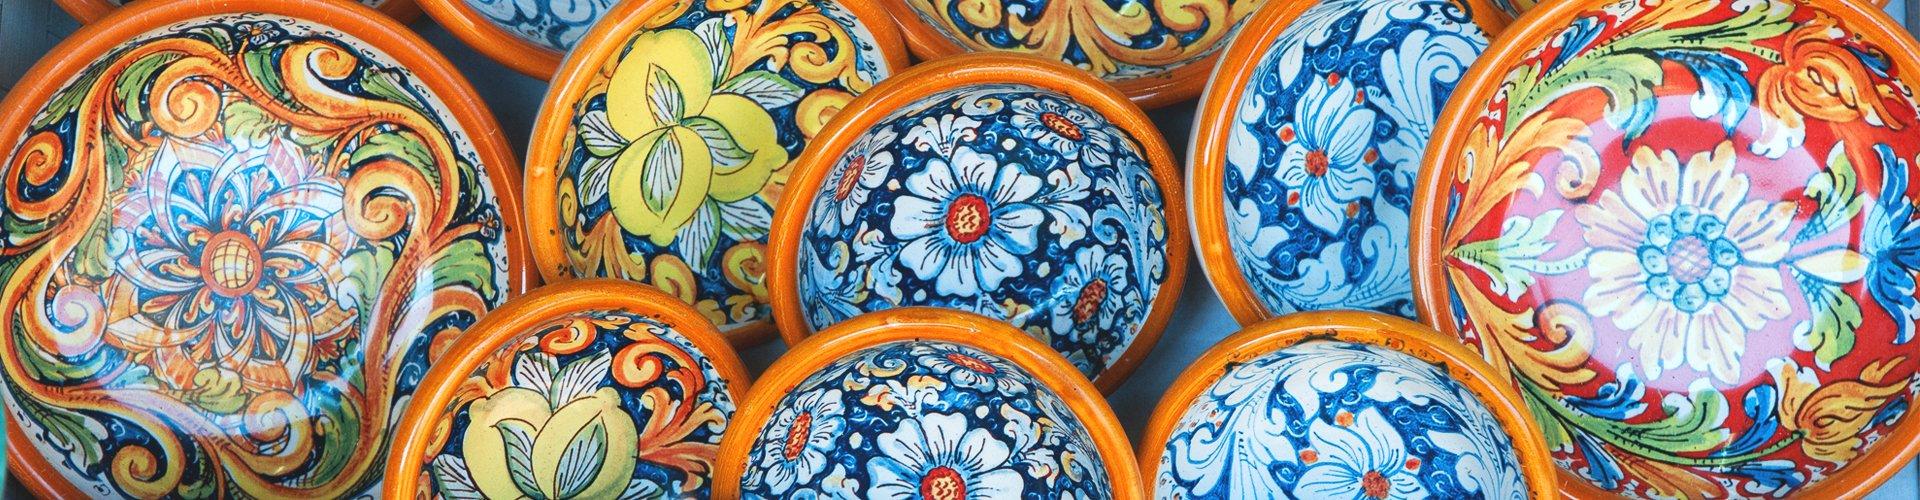 Majolica-aardewerk, Umbrië, Italië